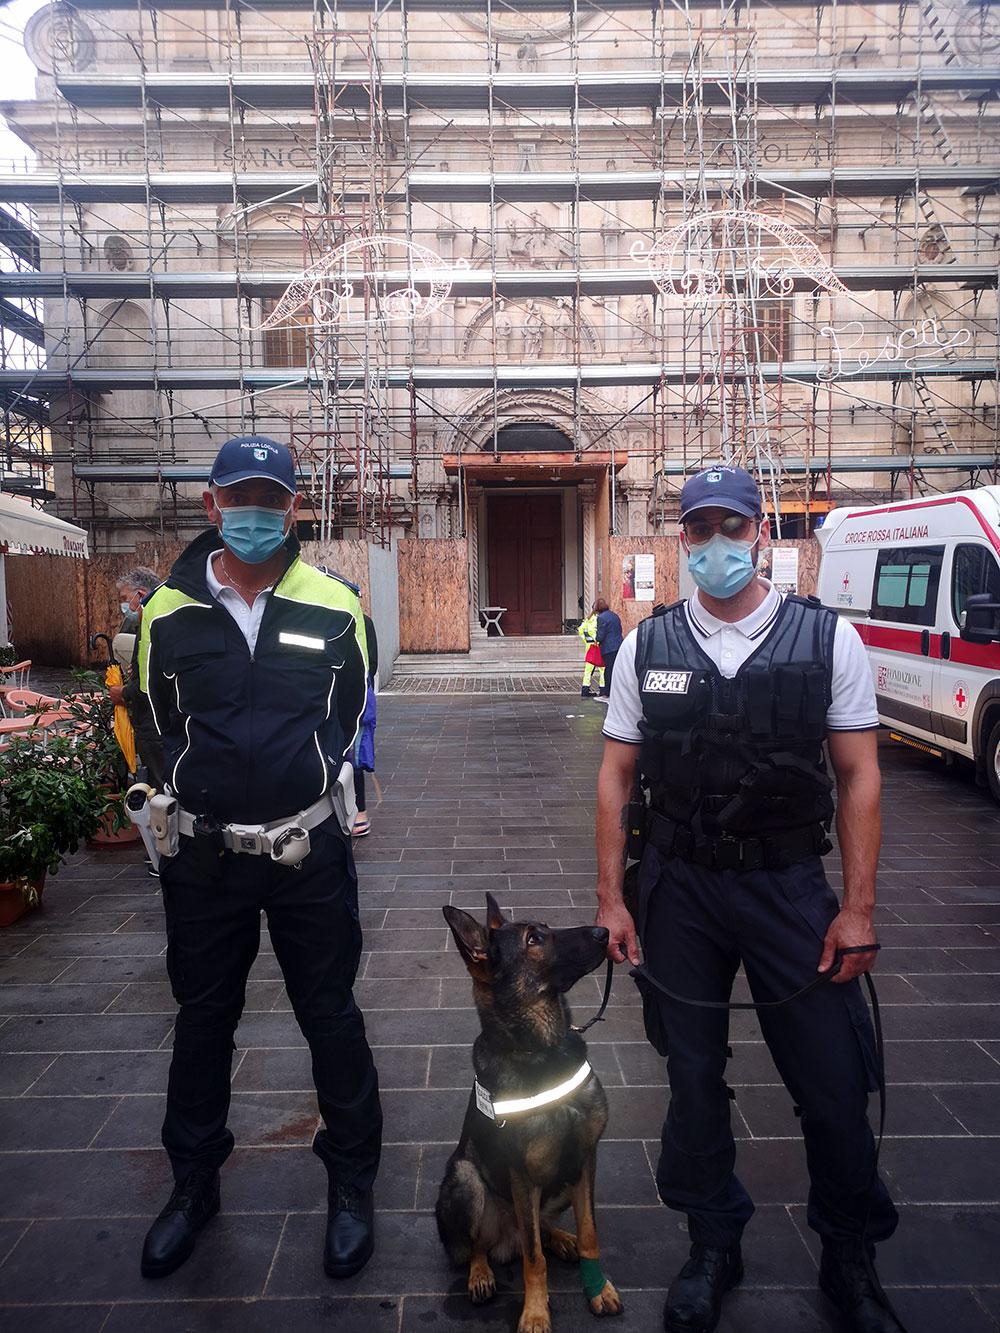 polizia-locale-s-nicola-2021-billy